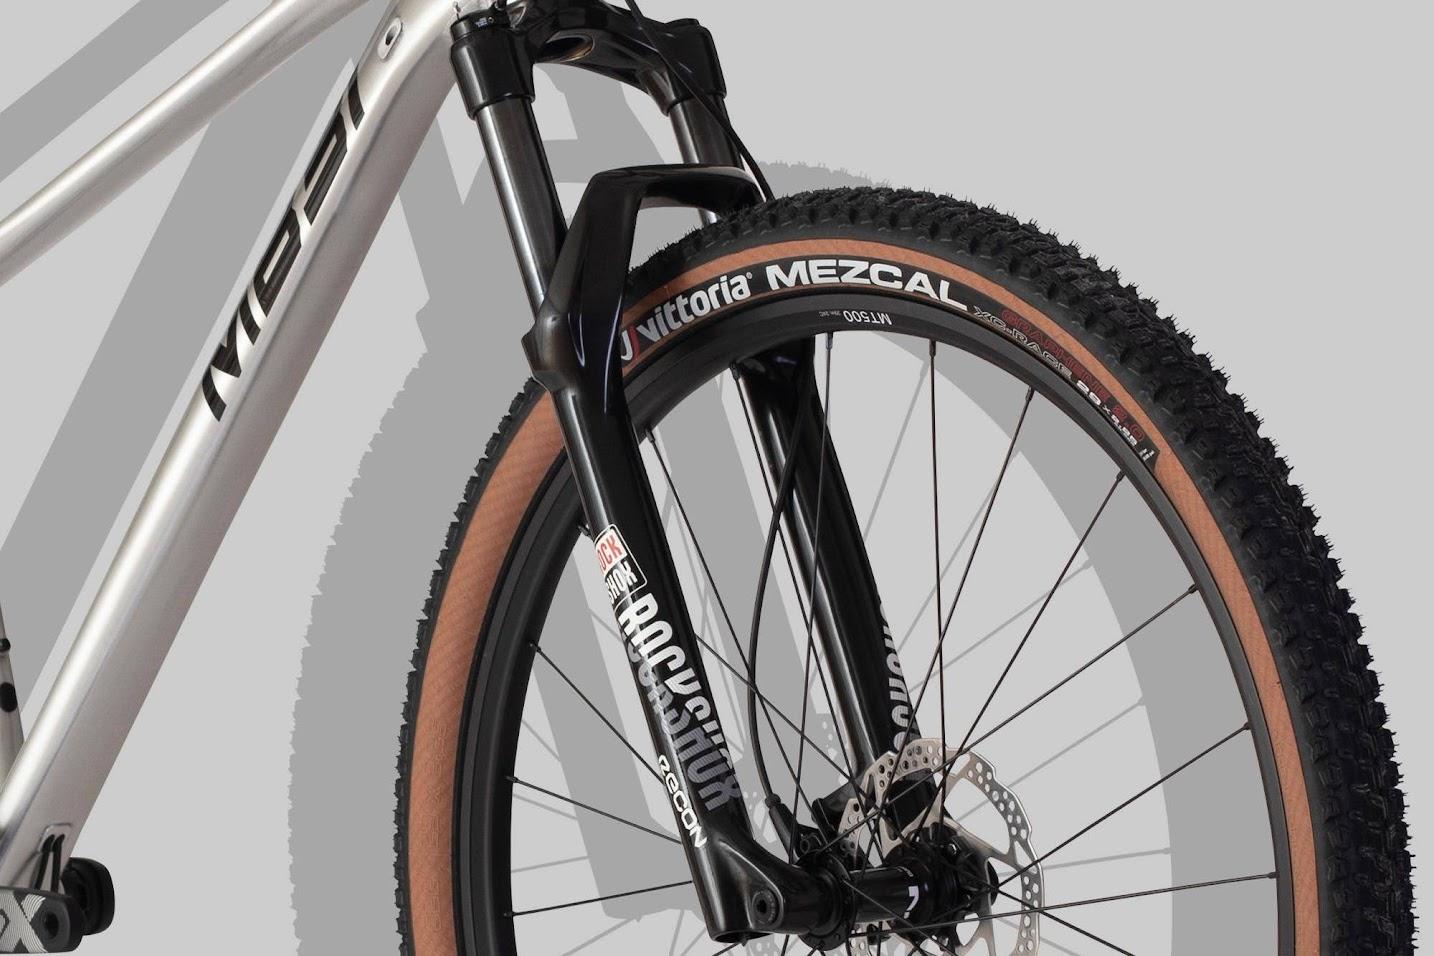 MB31 MTB/SX är en mountainbike med dämpad framgaffel från Rockshox.